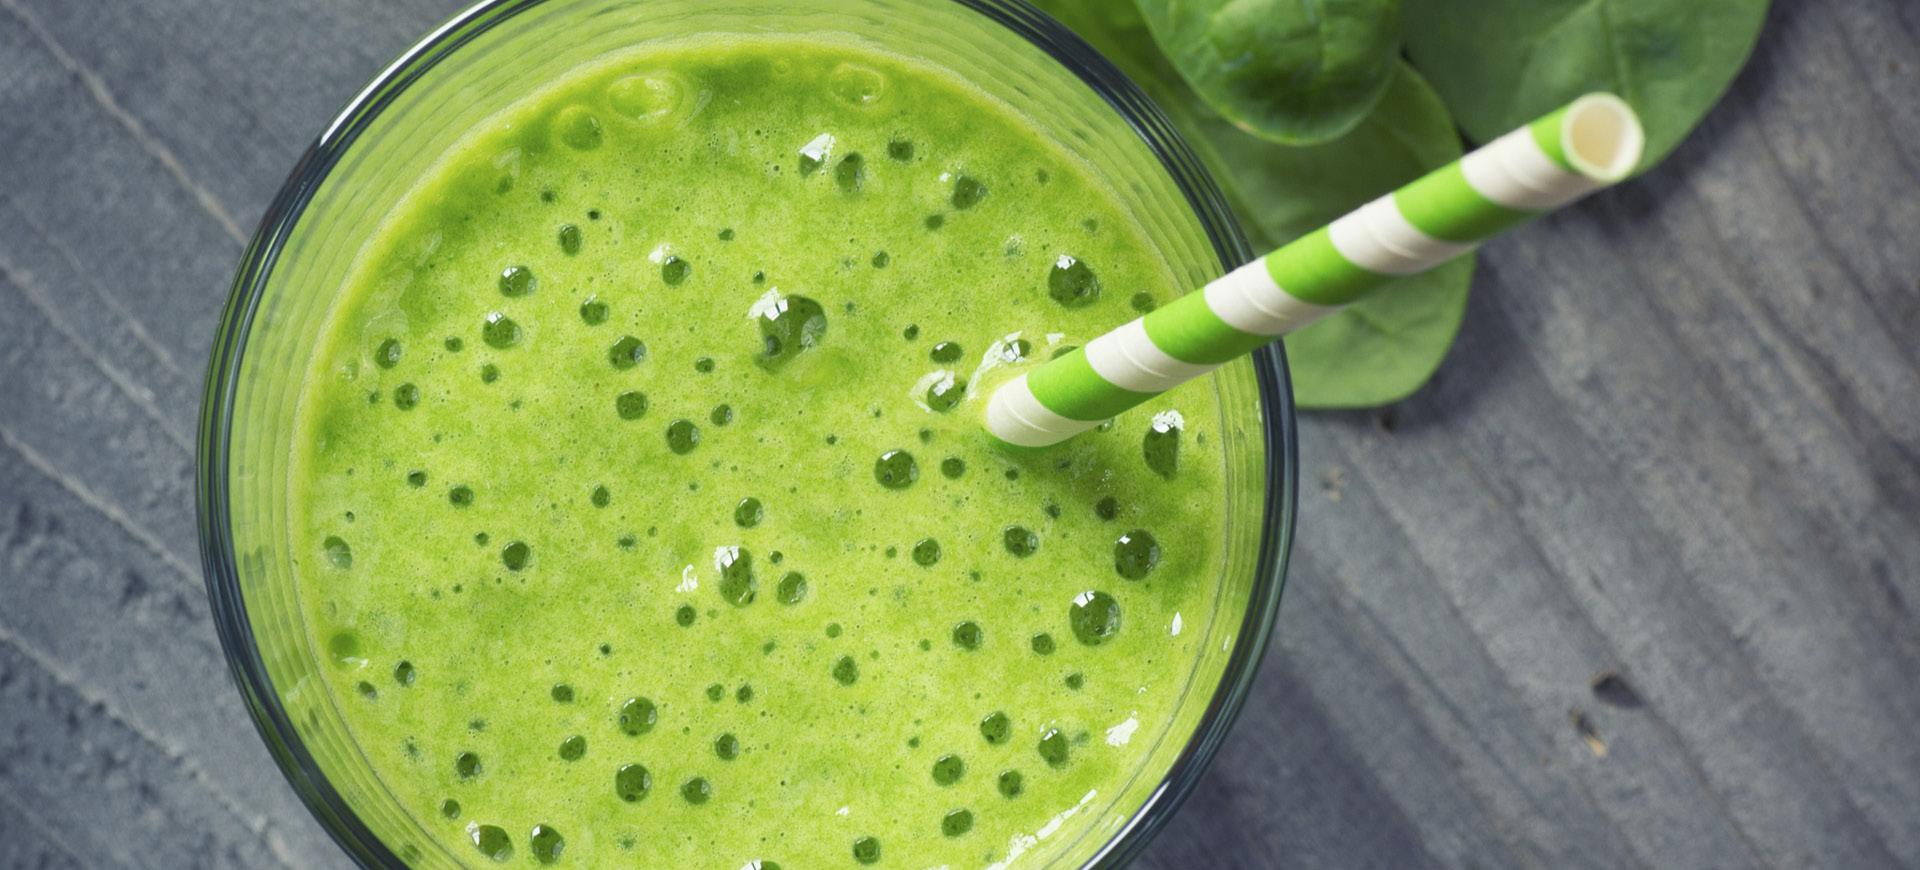 banner green machine smoothie